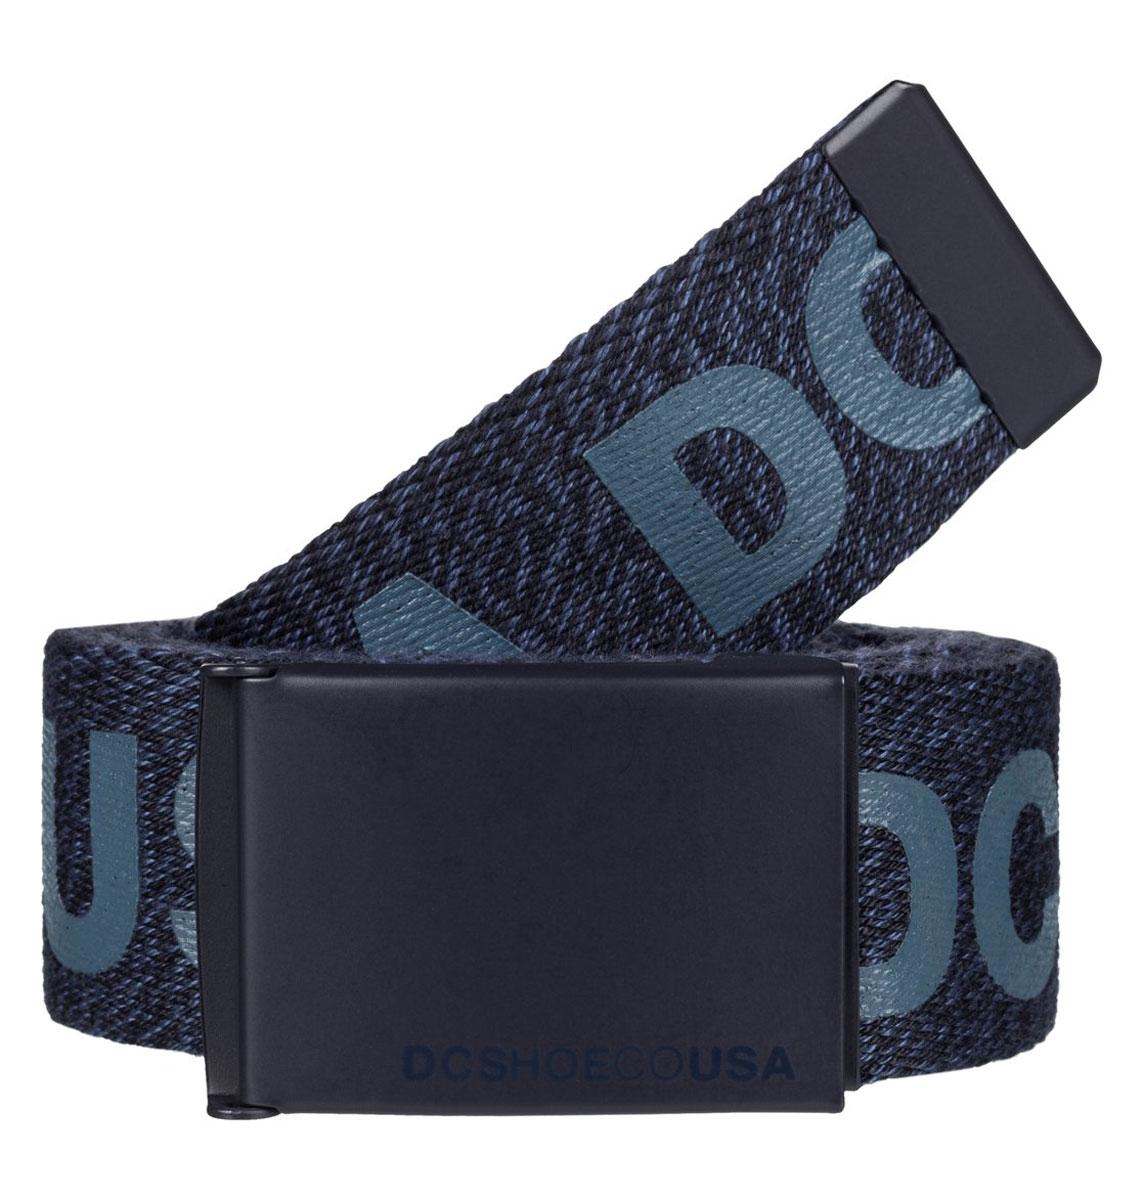 Ремень мужской DC Shoes Chinook TX, цвет: синий. EDYAA03020-BYJ0. Размер универсальныйEDYAA03020-BYJ0Мужской ремень DC Shoes выполнен из текстиля. У модели контрастная пряжка.